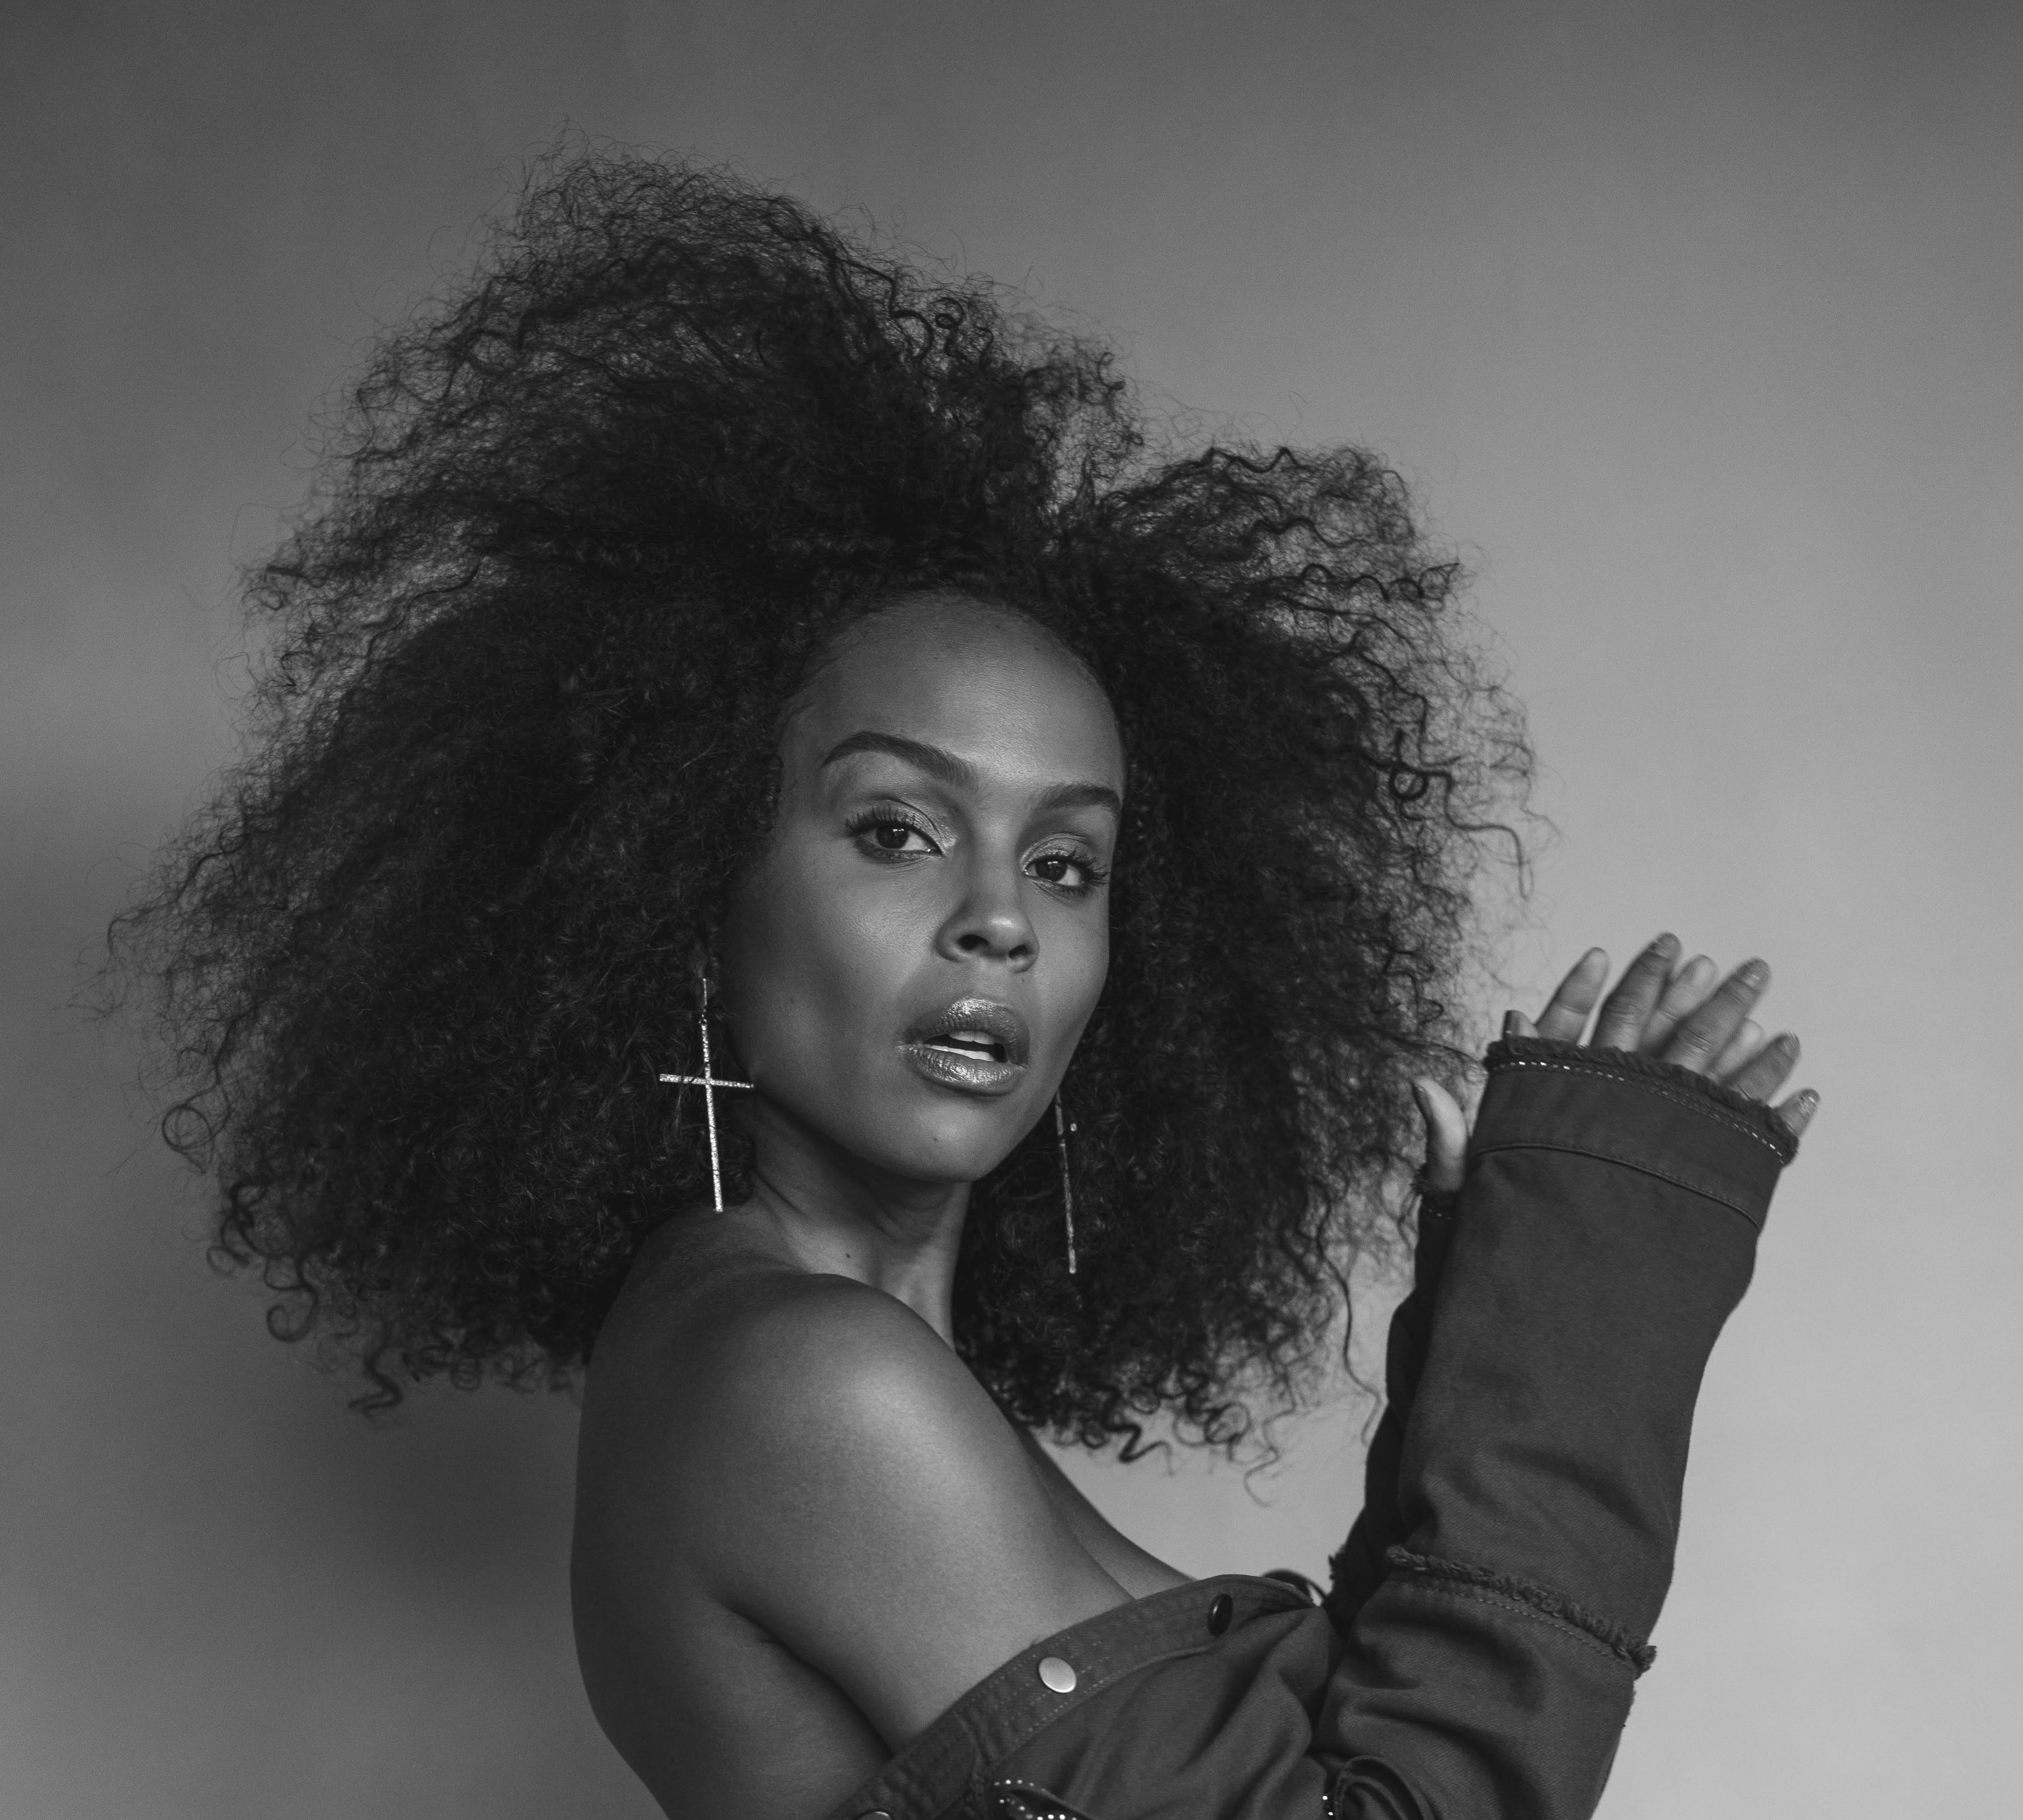 Anggie Bryan Ser única afrolatina